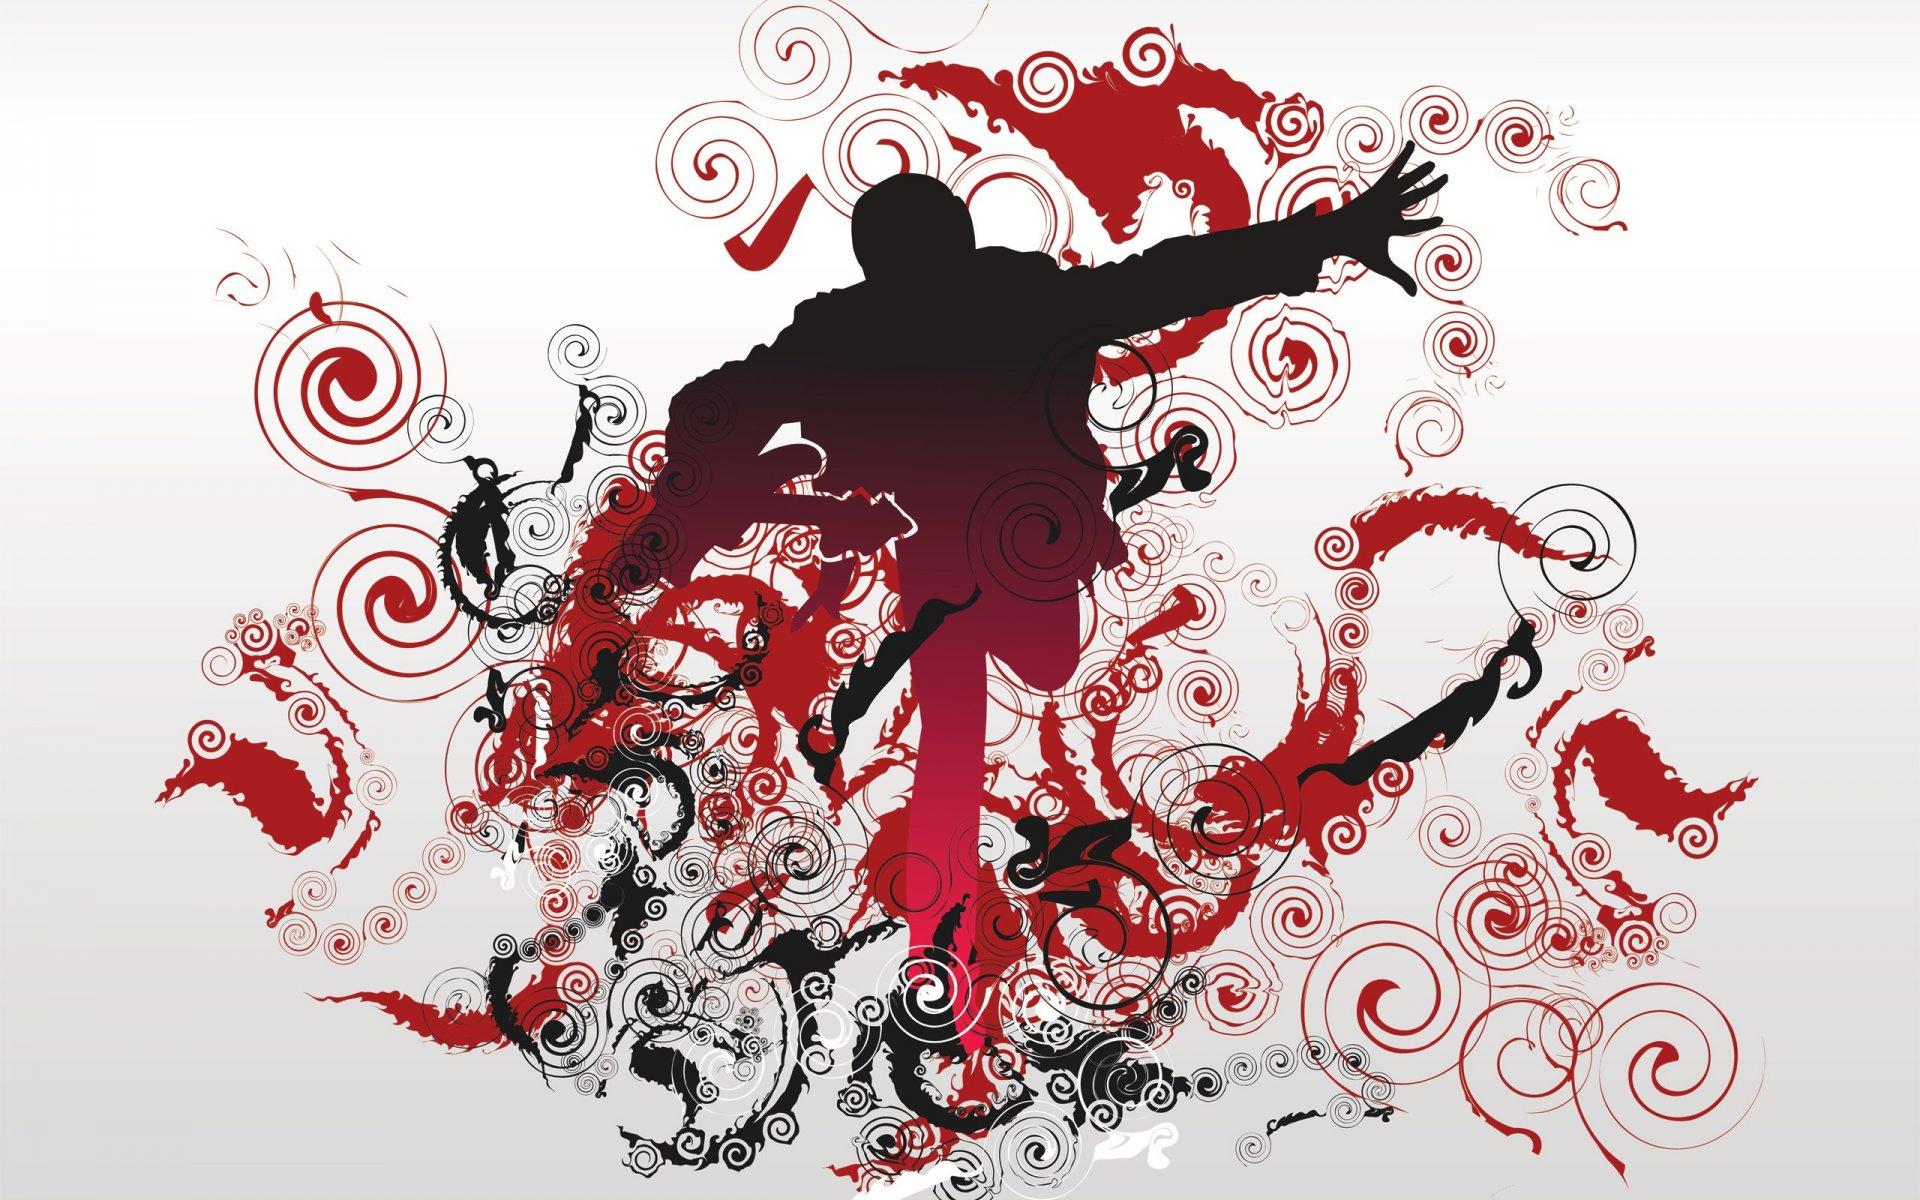 описанию обои с танцами на стену новым человеком имени